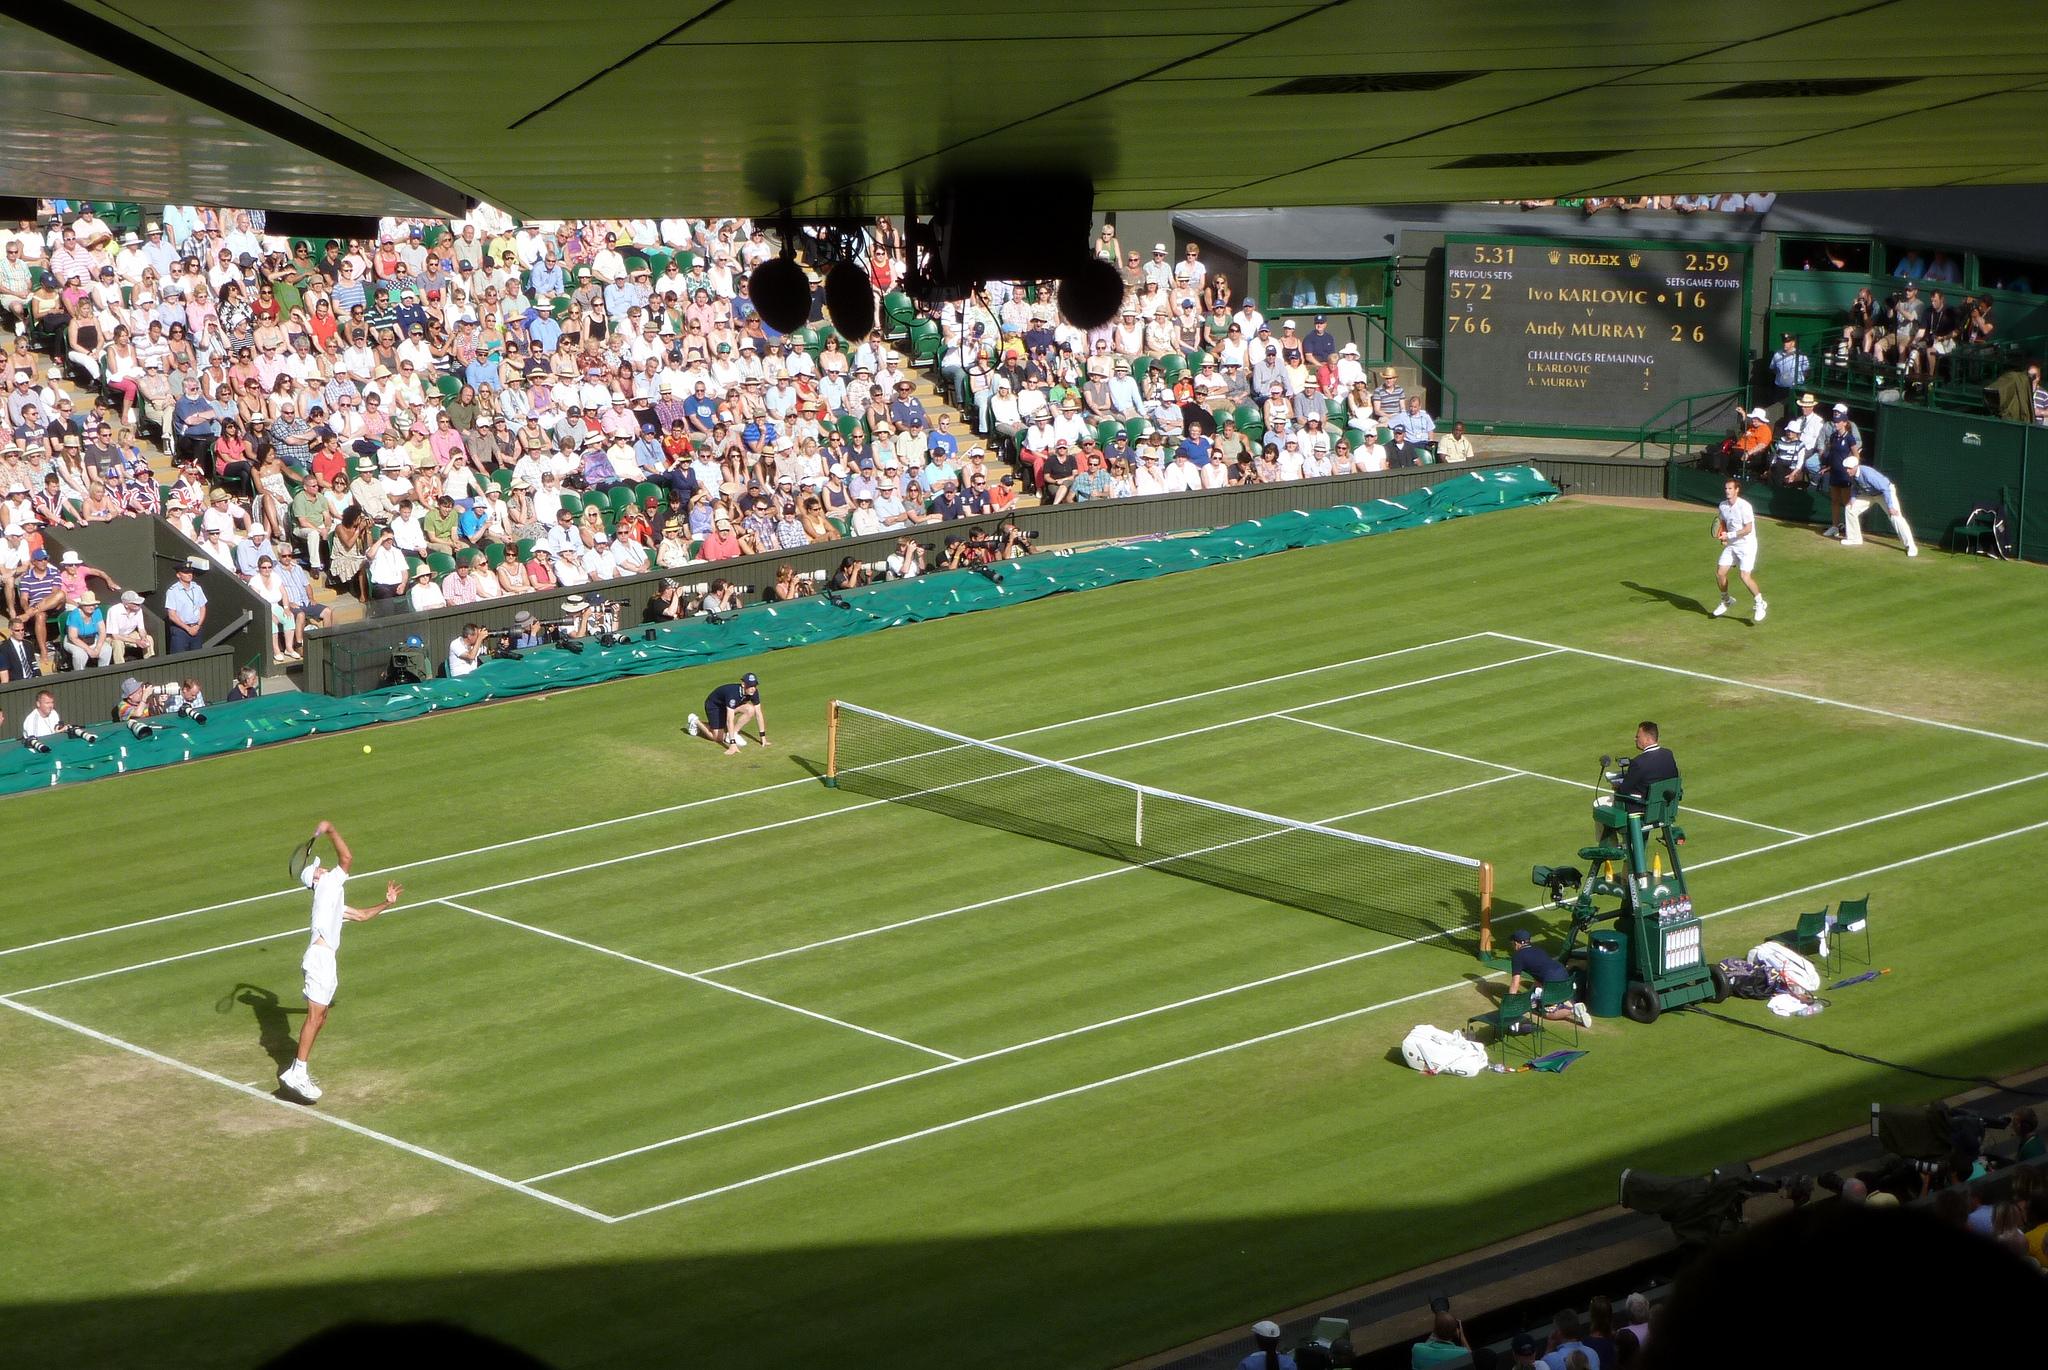 лекарь теннисные турниры картинки наушники используются телефоном